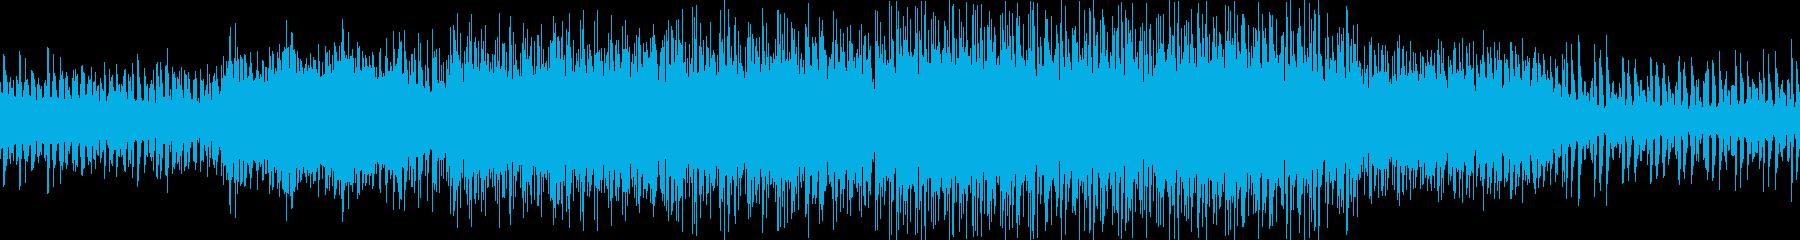 夏をイメージしたトロピカルハウスの再生済みの波形